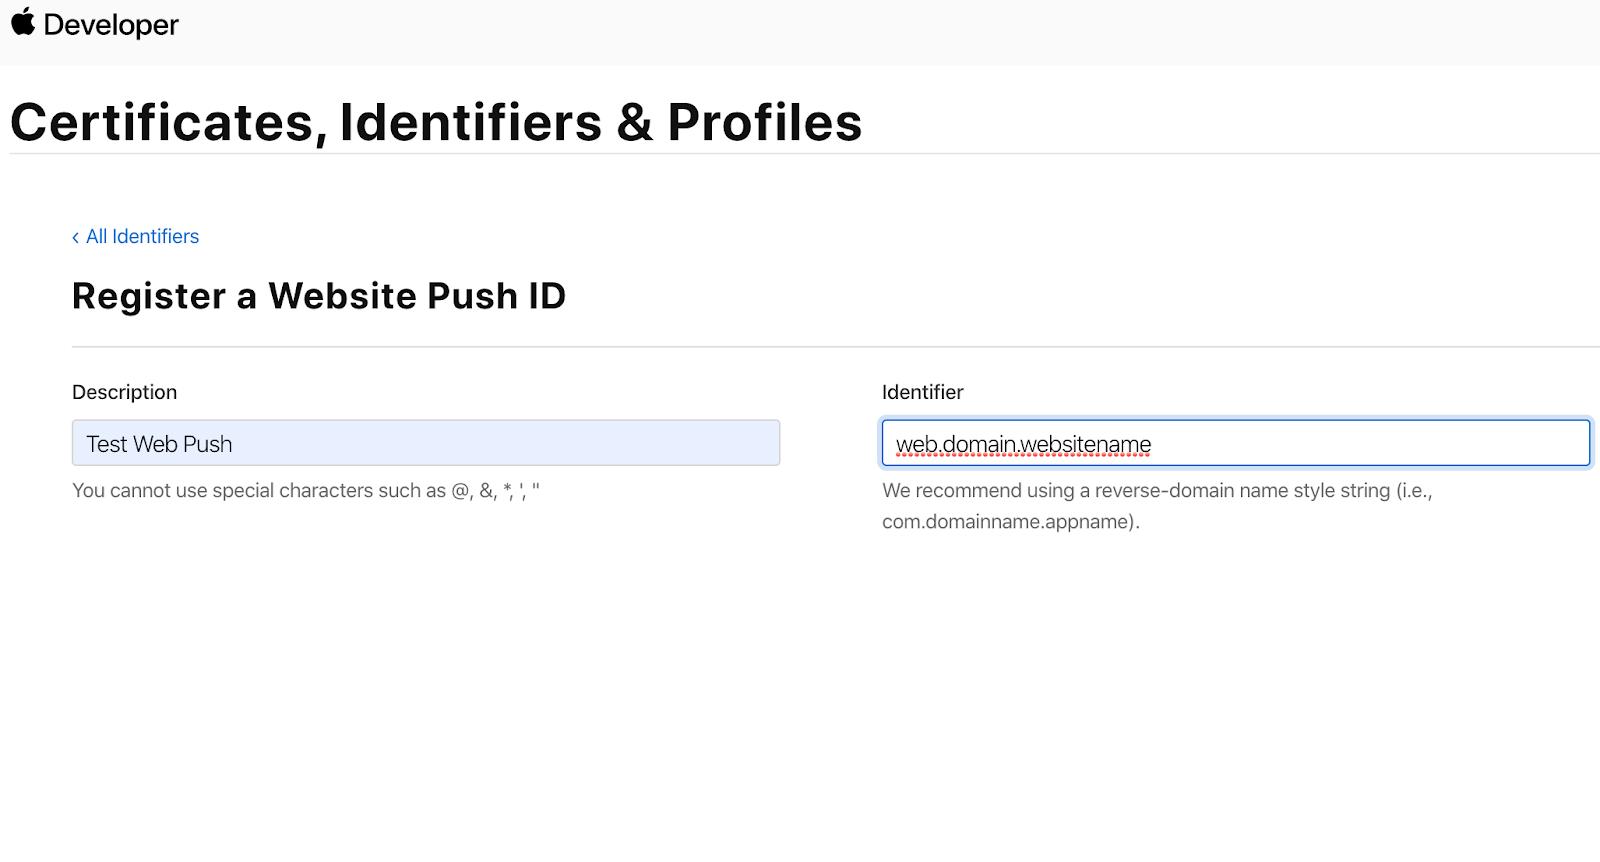 Webpush ID Description